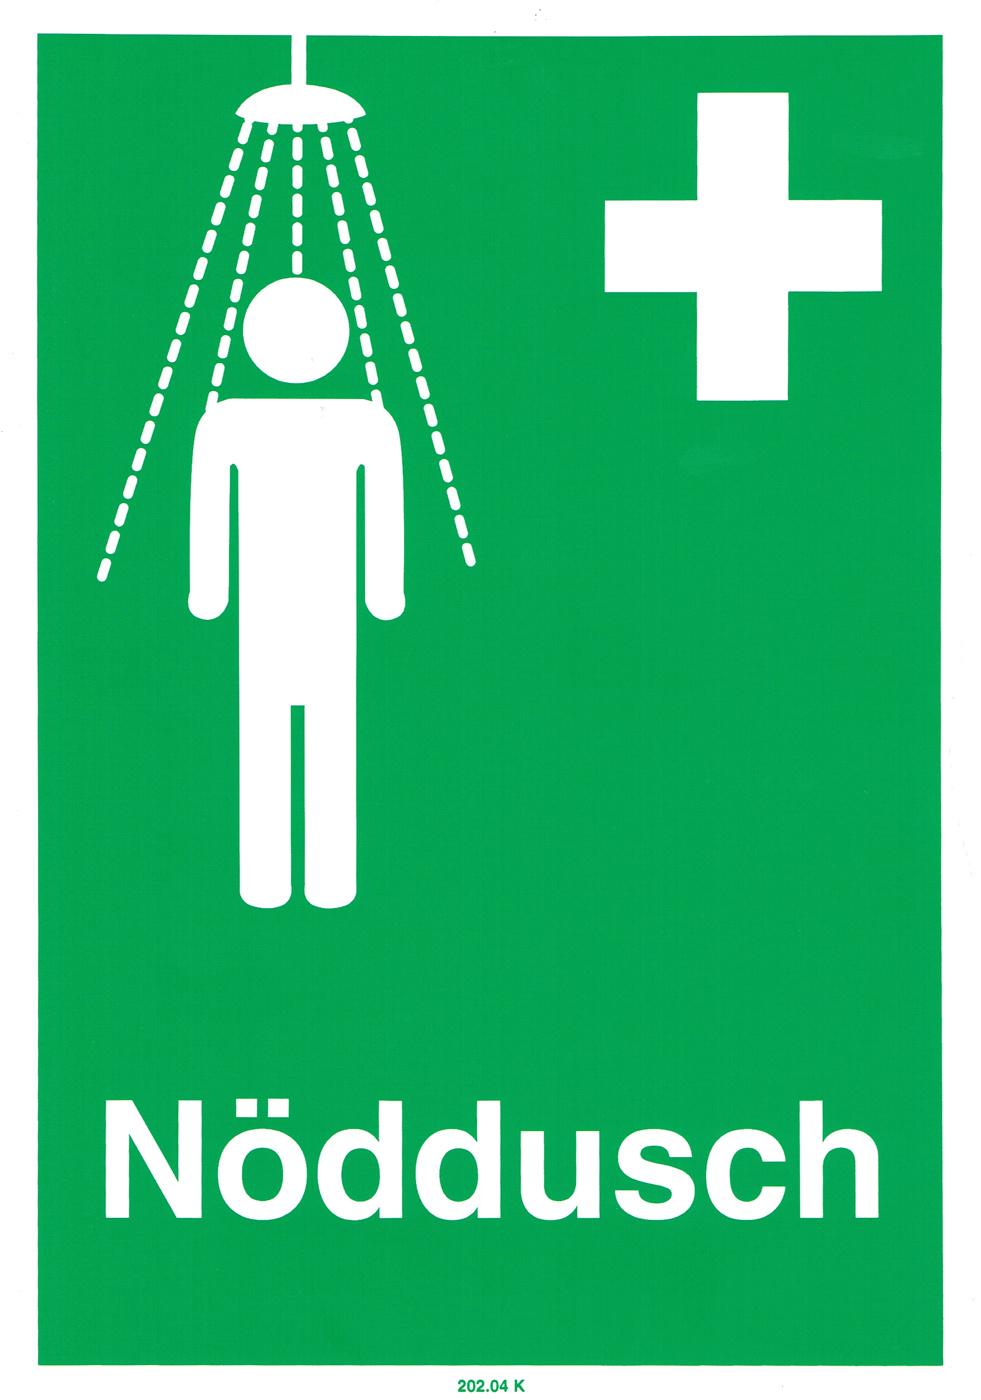 noddusch_dekal20150521_0000